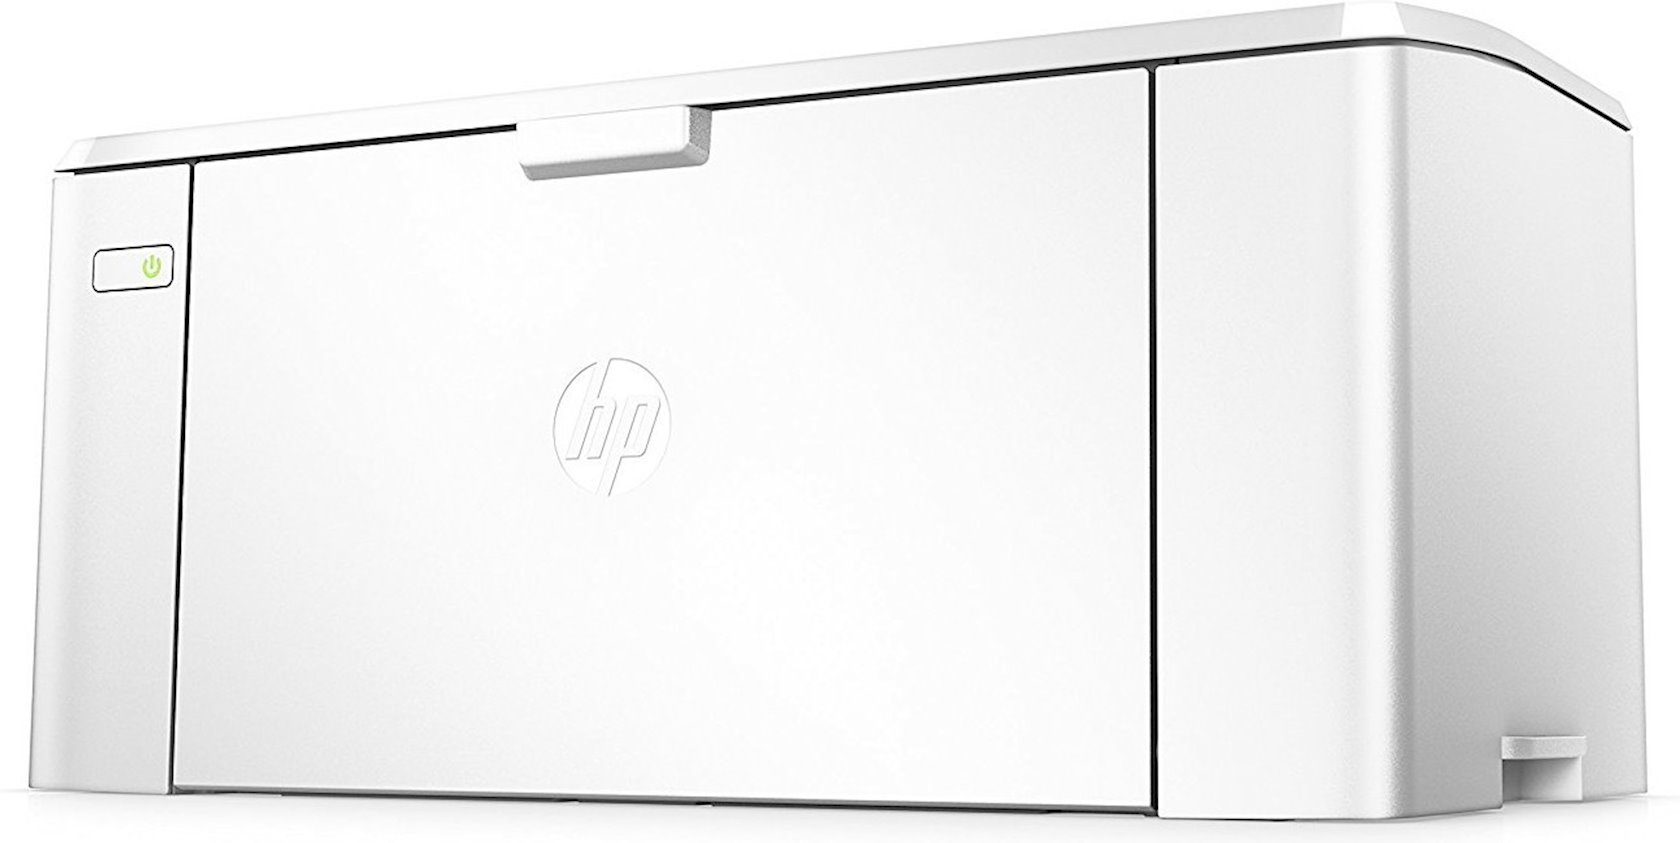 Printer HP LaserJet Pro M102A (G3Q34A)